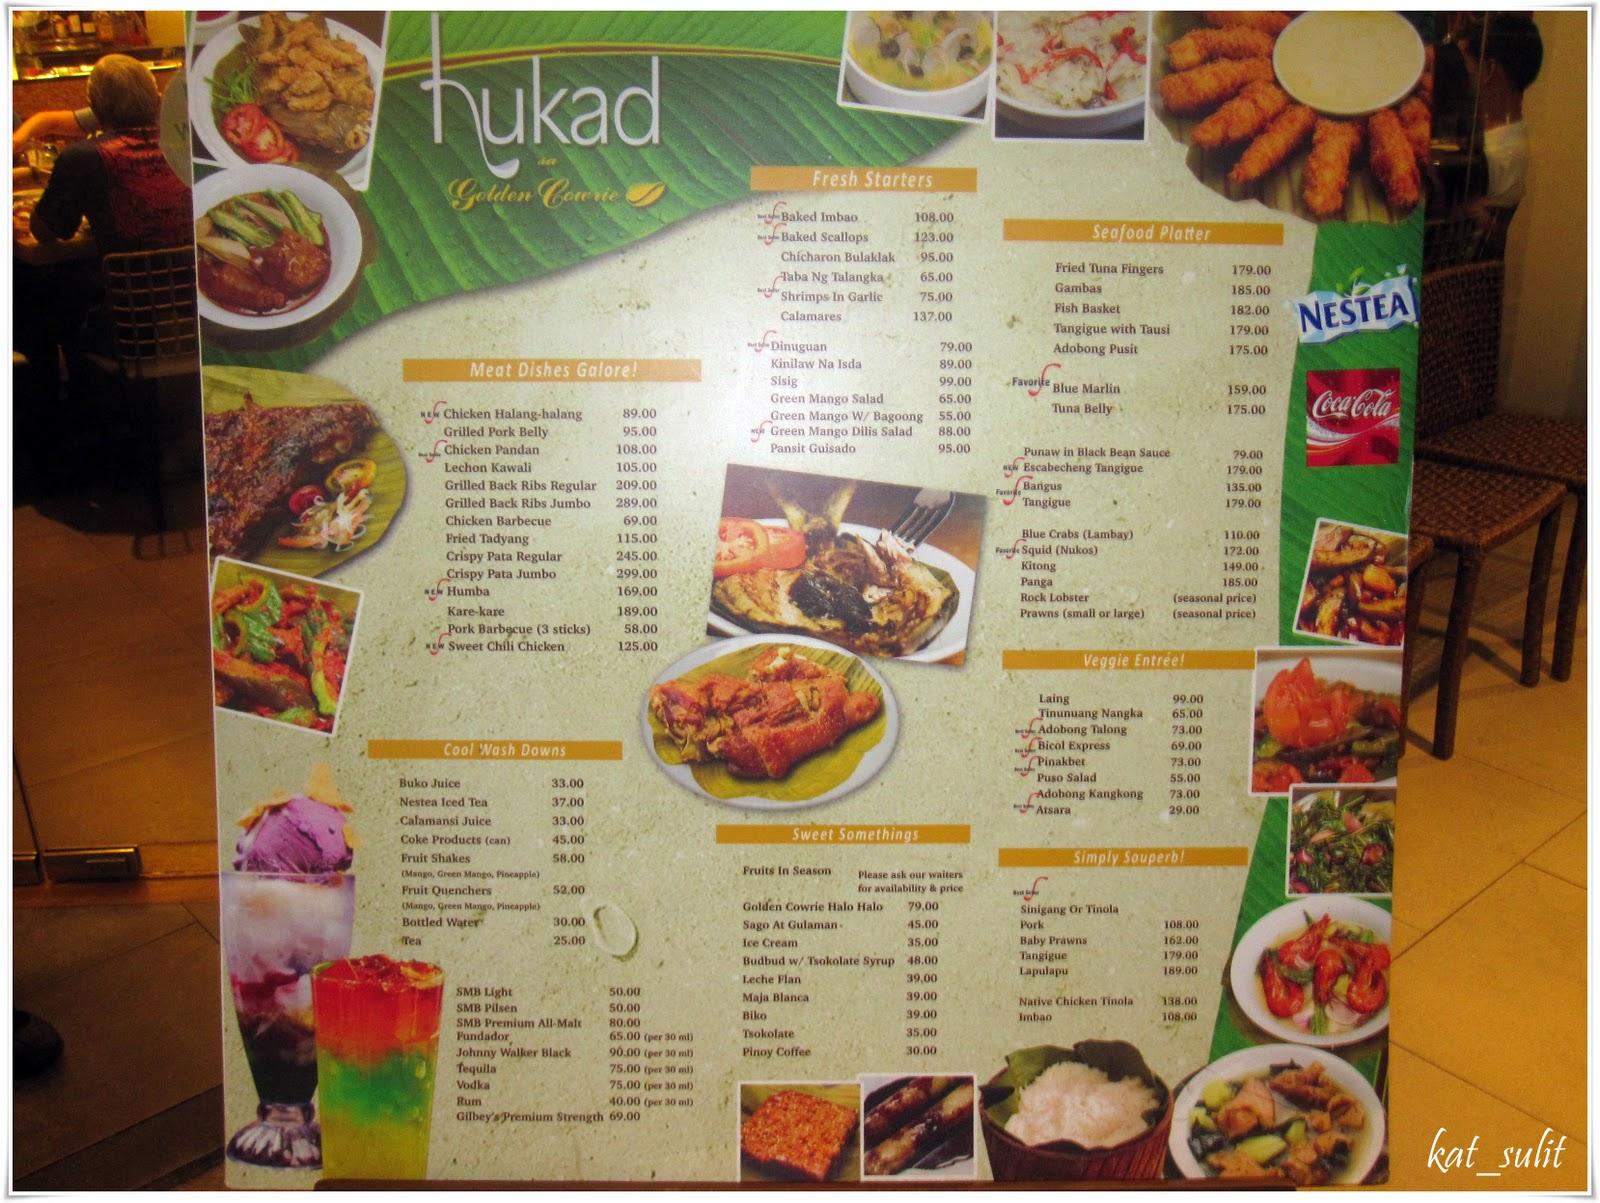 research on hukad sa golden cowrie filipino restaurant Hukad sa golden cowrie, cebu island: see 154 unbiased reviews of hukad sa   crab cakes filipino food busy restaurant local dishes native filipino ayala mall.